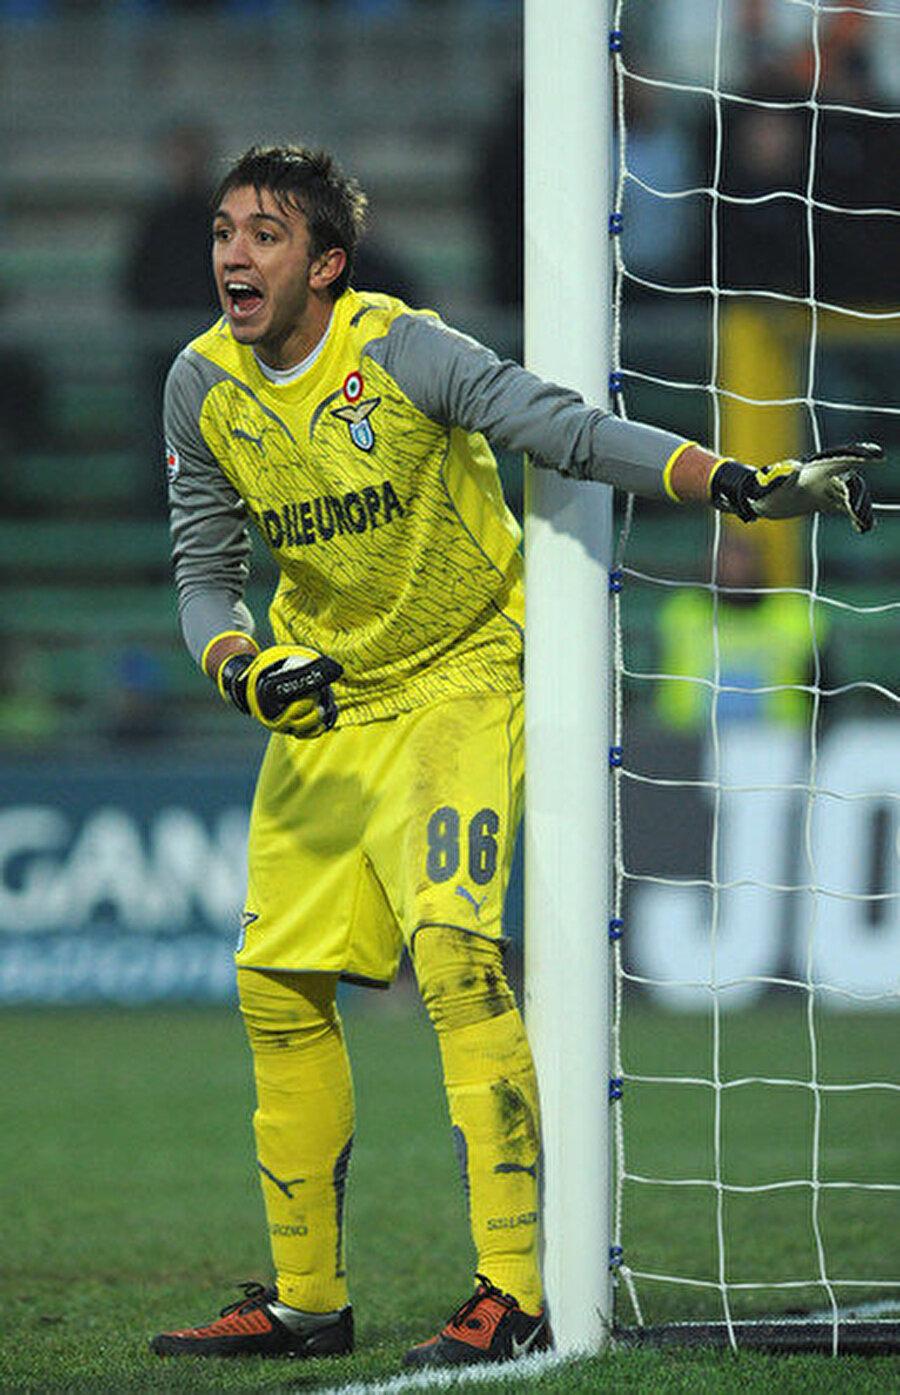 İtalya seferi başladı 2007'de Nacional'a kiralanan Muslera, yine aynı yıl içinde Lazio'nun yolunu tuttu.